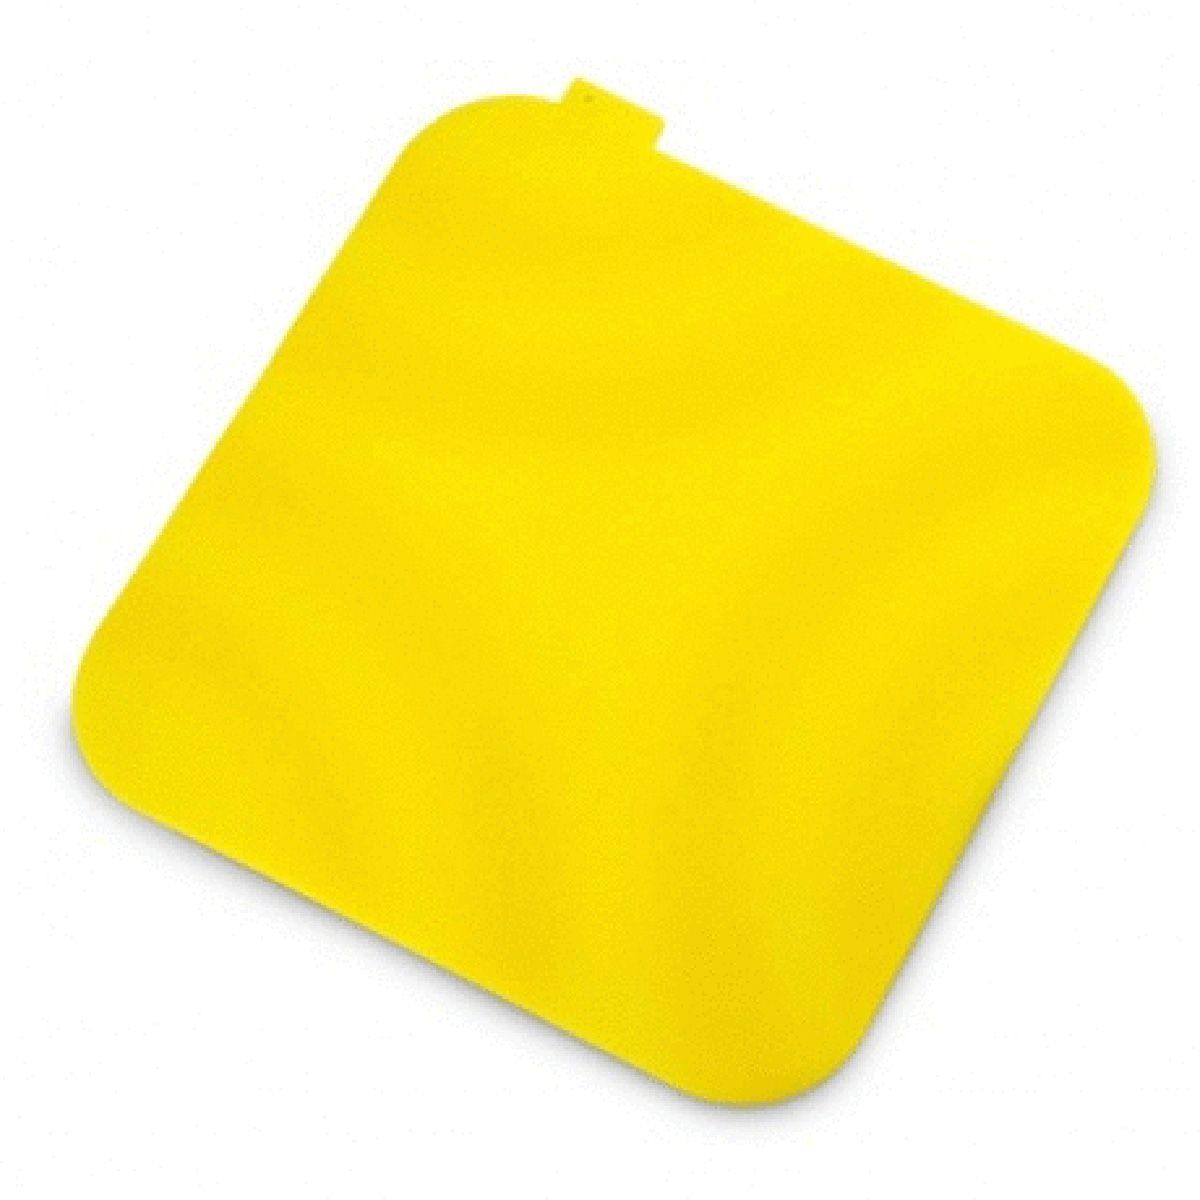 Подставка под горячее MoulinVilla, цвет: желтый, SIL-1SIL-1YПодставка под горячее MOULINvilla изготовлена из силикона, что позволяет ей выдерживать высокие температуры и не поцарапать поверхность стола. Материал не скользит по поверхности стола. Каждая хозяйка знает, что подставка под горячее - это незаменимый и очень полезный аксессуар на каждой кухне. Ваш стол будет не только украшен яркой и оригинальной подставкой, но и сбережен от воздействия высоких температур.